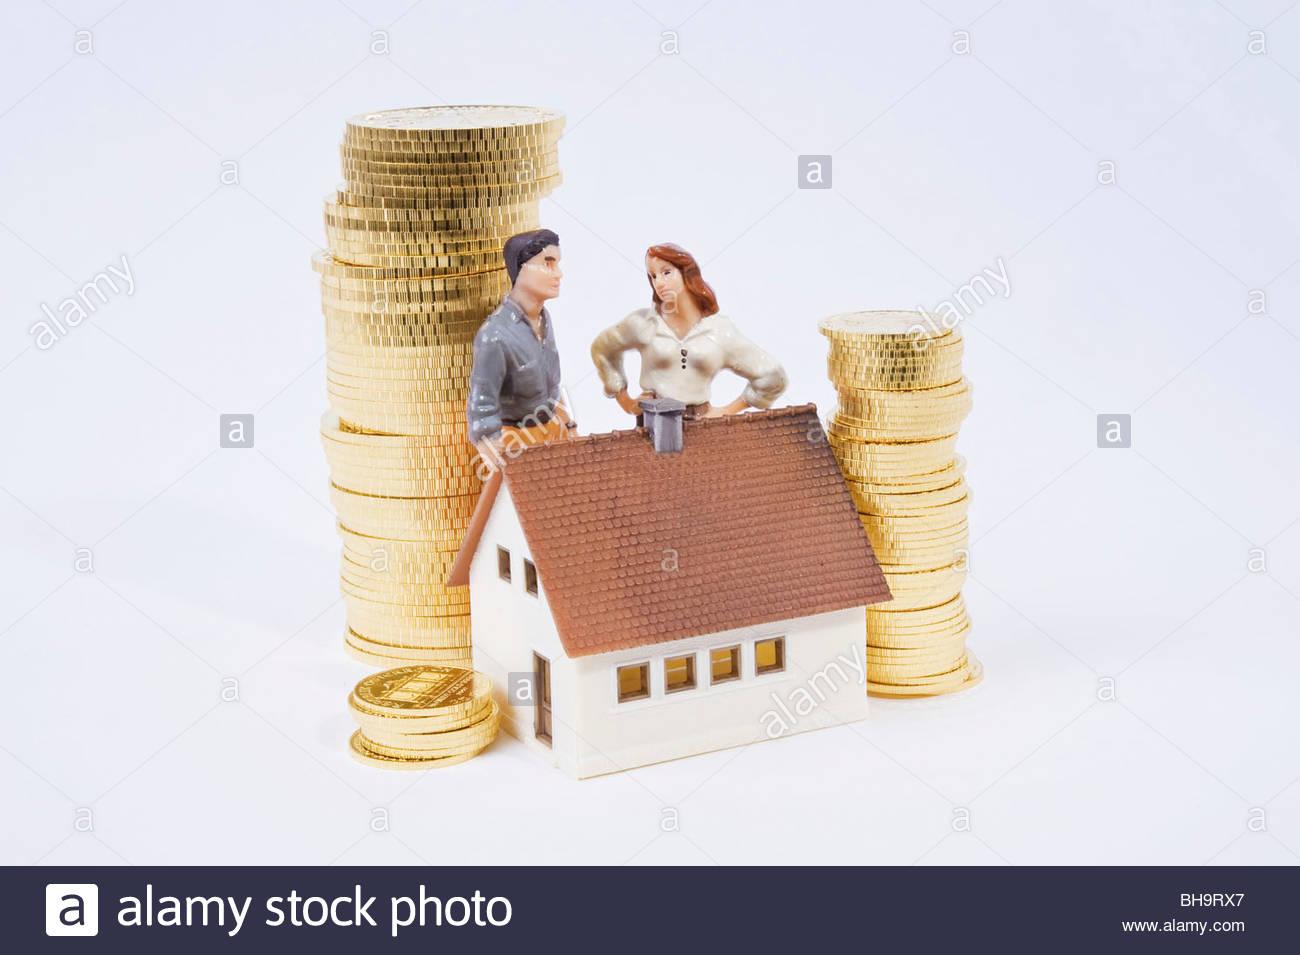 Wohnbaufinanzierung - Finanzierung Immobilie Stockbild